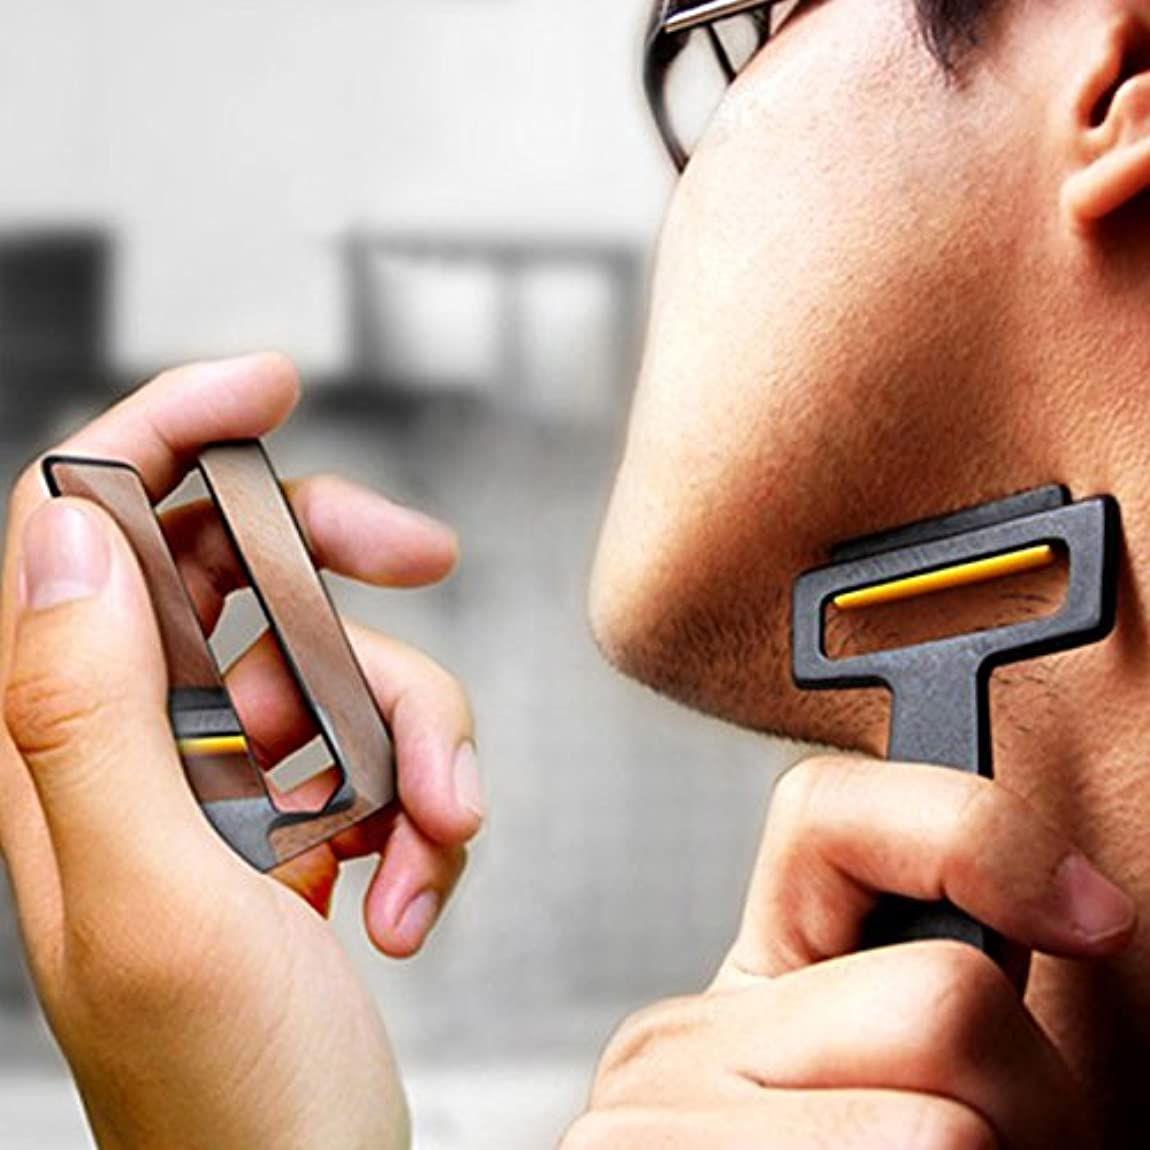 排他的有名なはさみPogass Carzor 3 In 1 Card設計された財布ミニかみそりビードポータブルひげ剃りミラースタンドキット